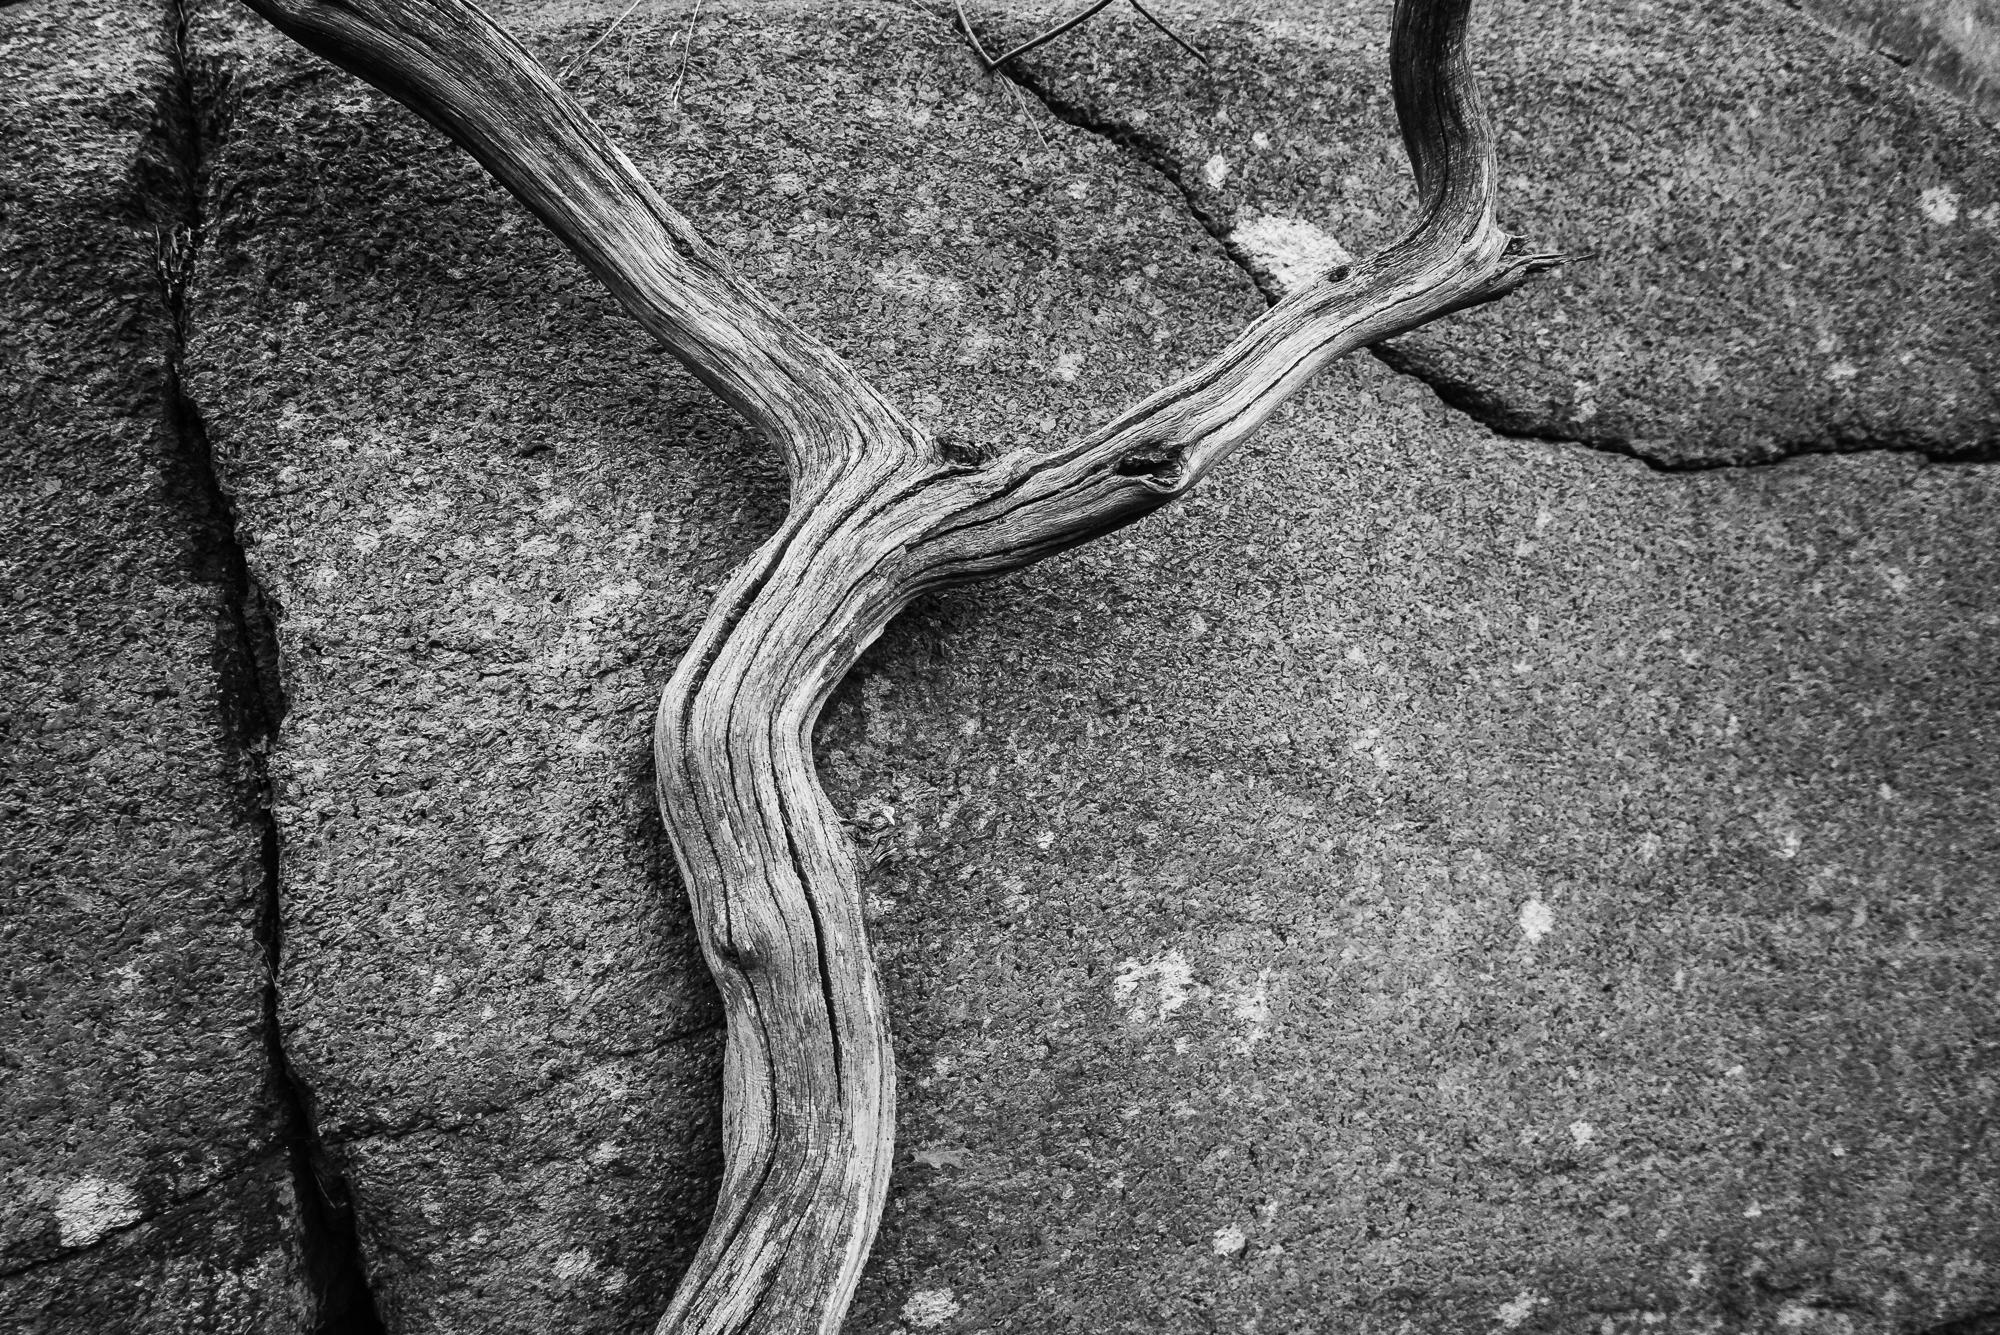 Yxney, Sandefjord-_DSC0049-Bjørn Joachimsen.jpg